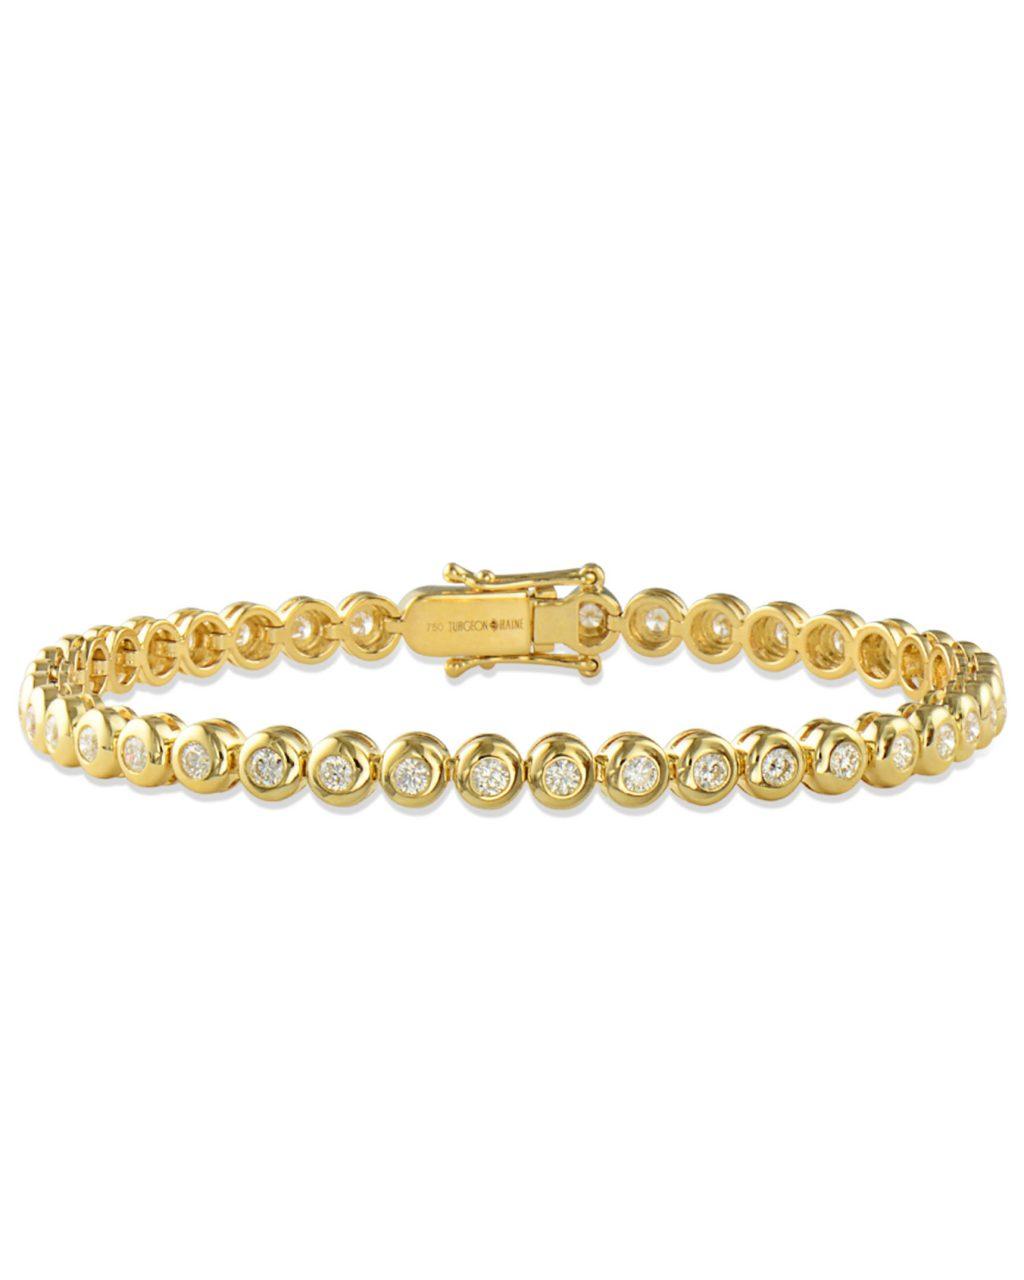 Yellow Gold Bezel-Set Diamond Bracelet